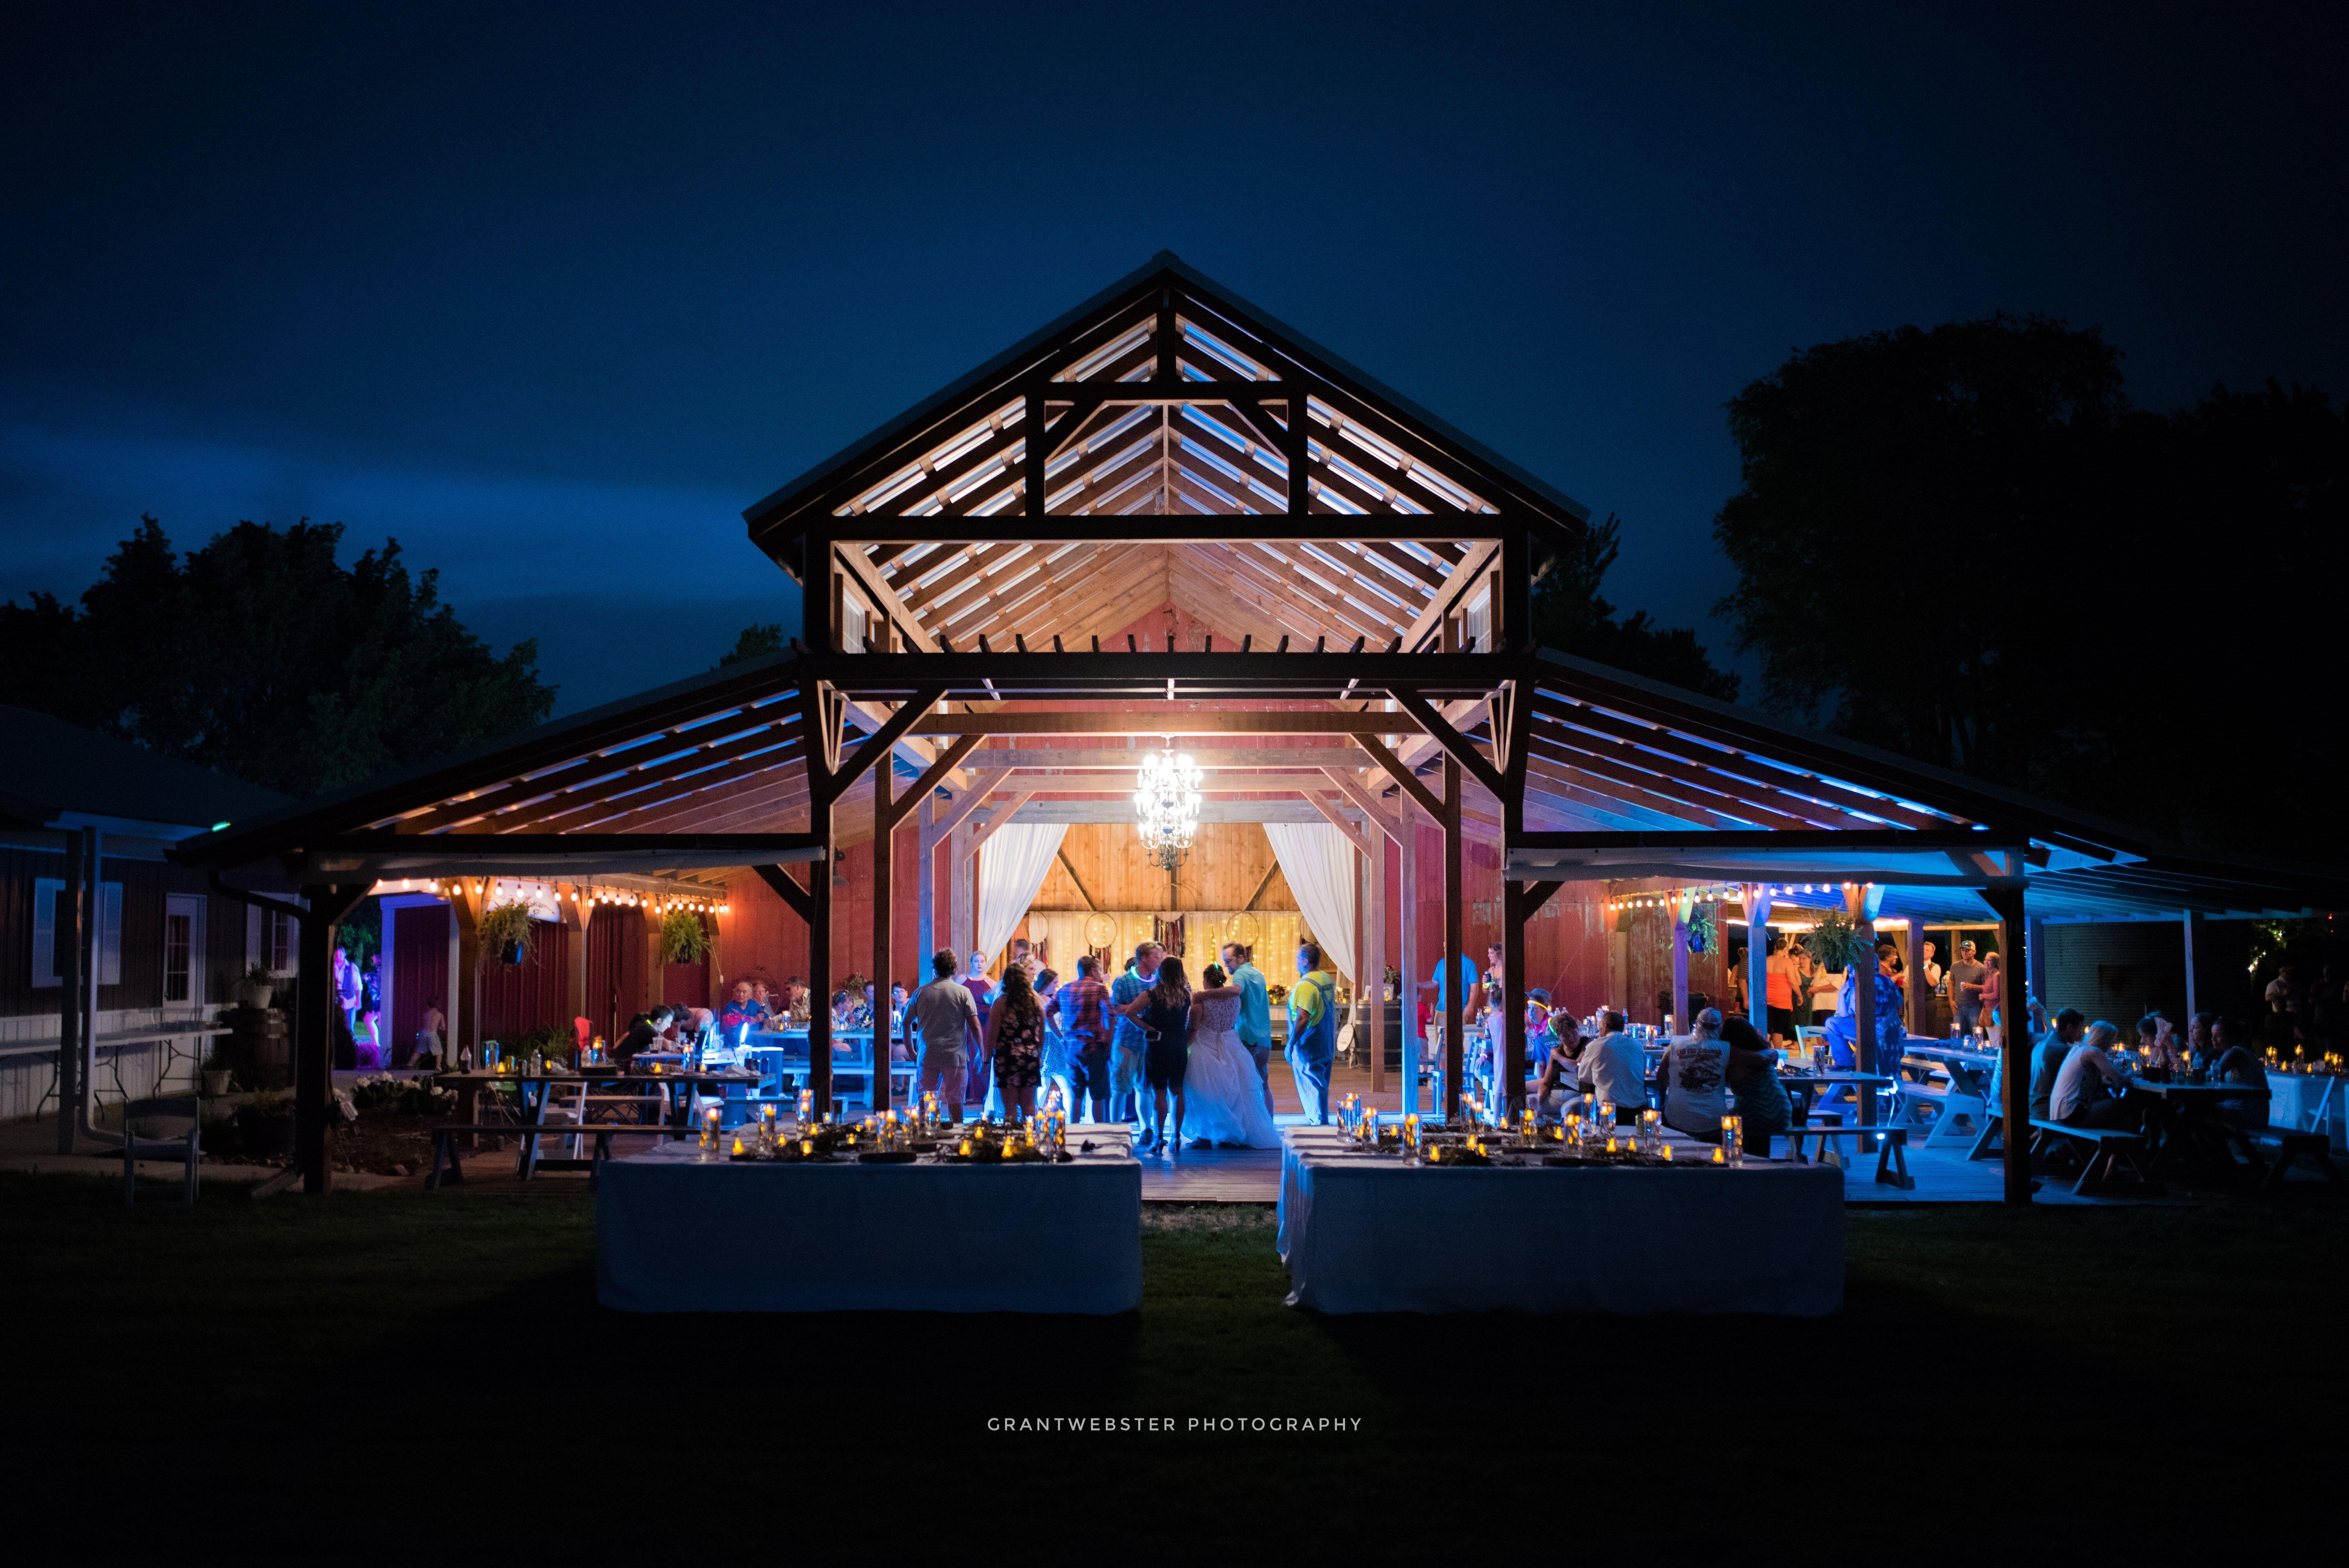 Unique Wedding Reception Program Ideas: Reception Ideas Unique Wedding Program